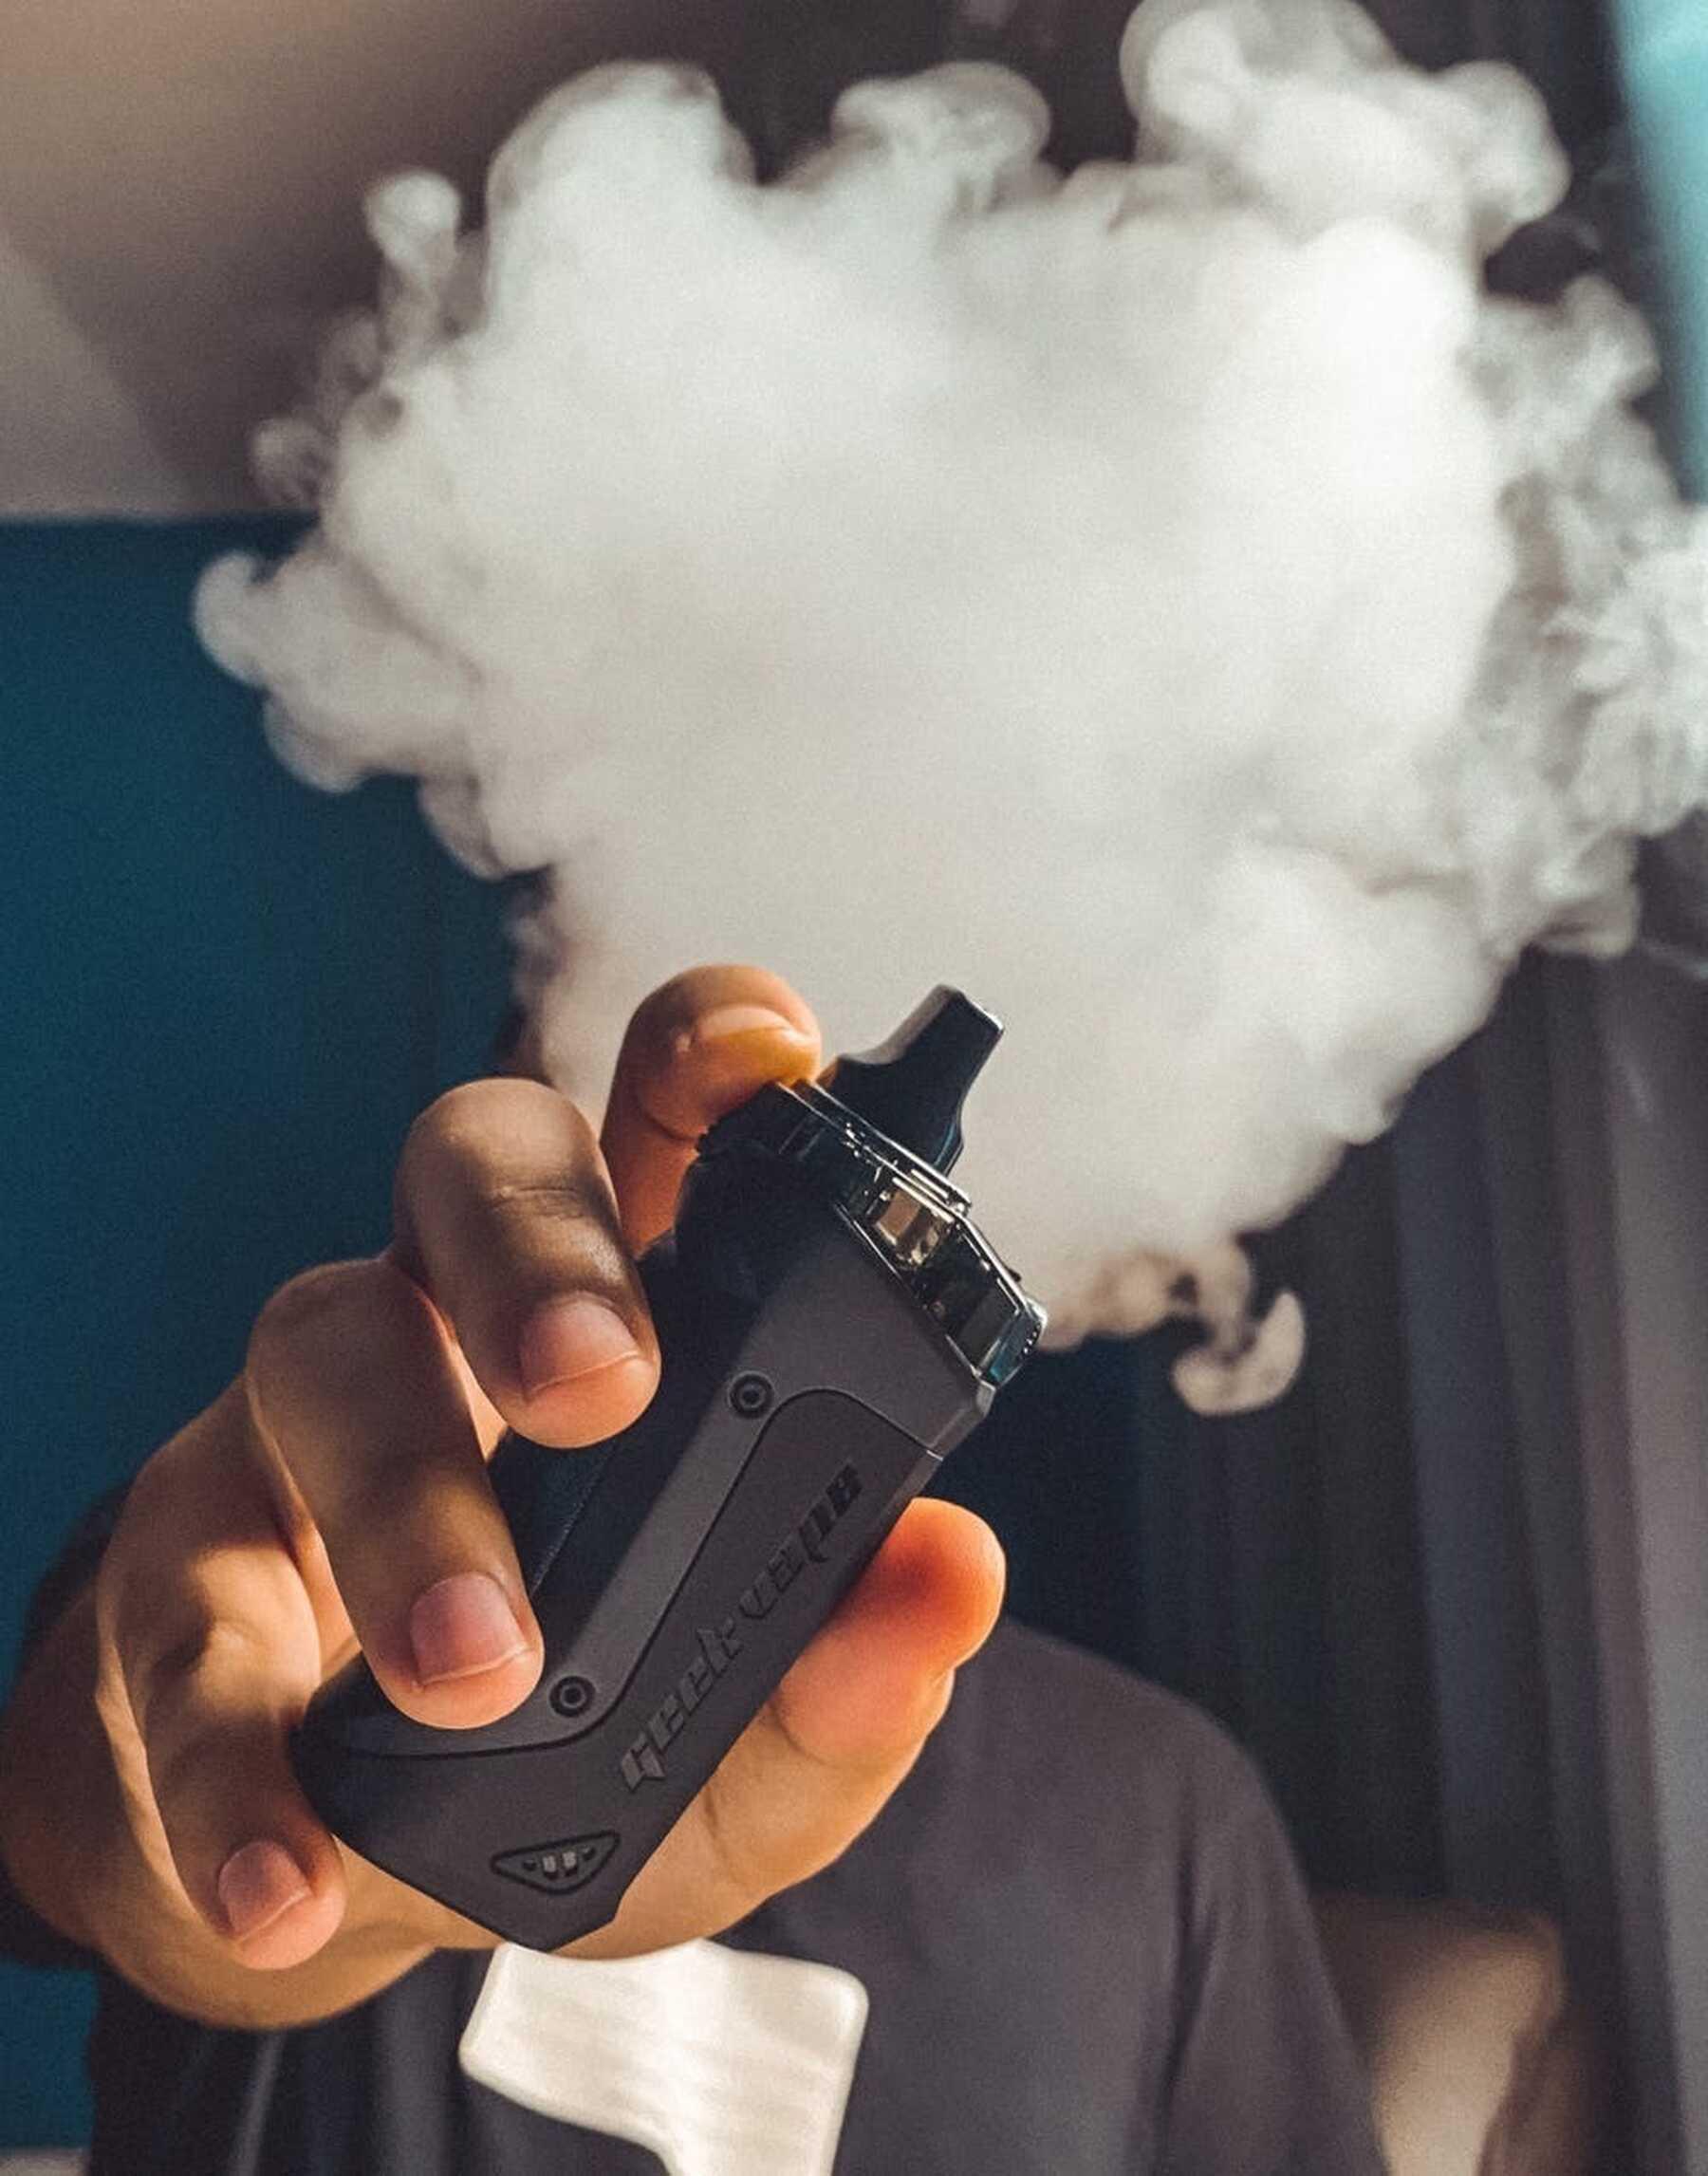 'Onze tabaksregels voor e-sigaretten moeten strenger en beter afdwingbaar worden'